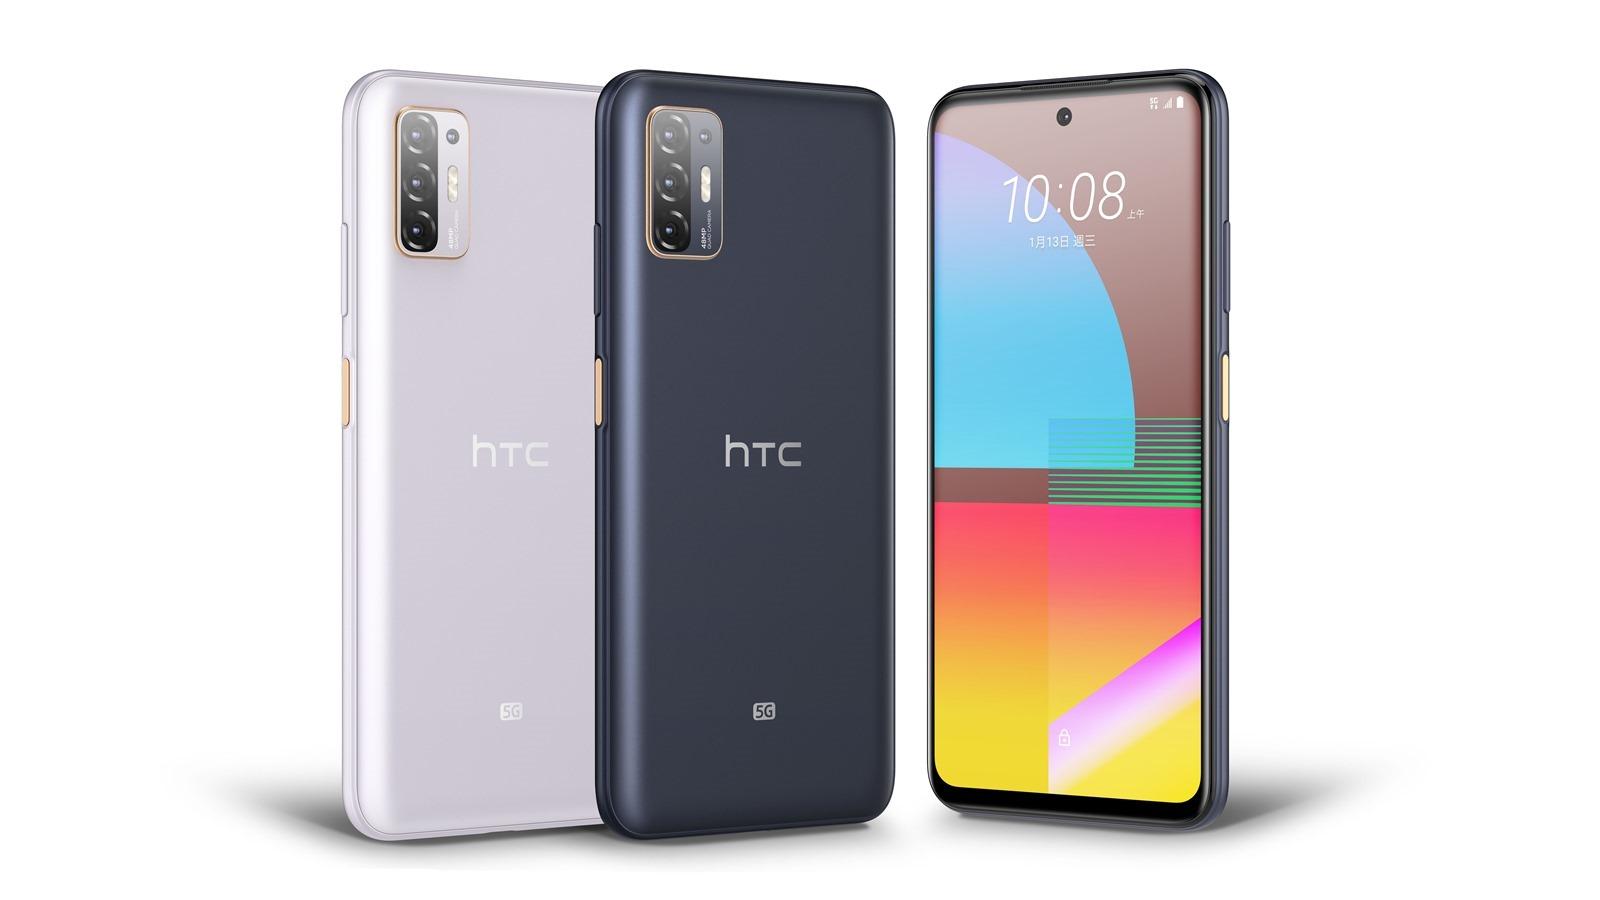 HTC 新聞圖-HTC-Desire-21-pro-5G_thumb.jpg @3C 達人廖阿輝